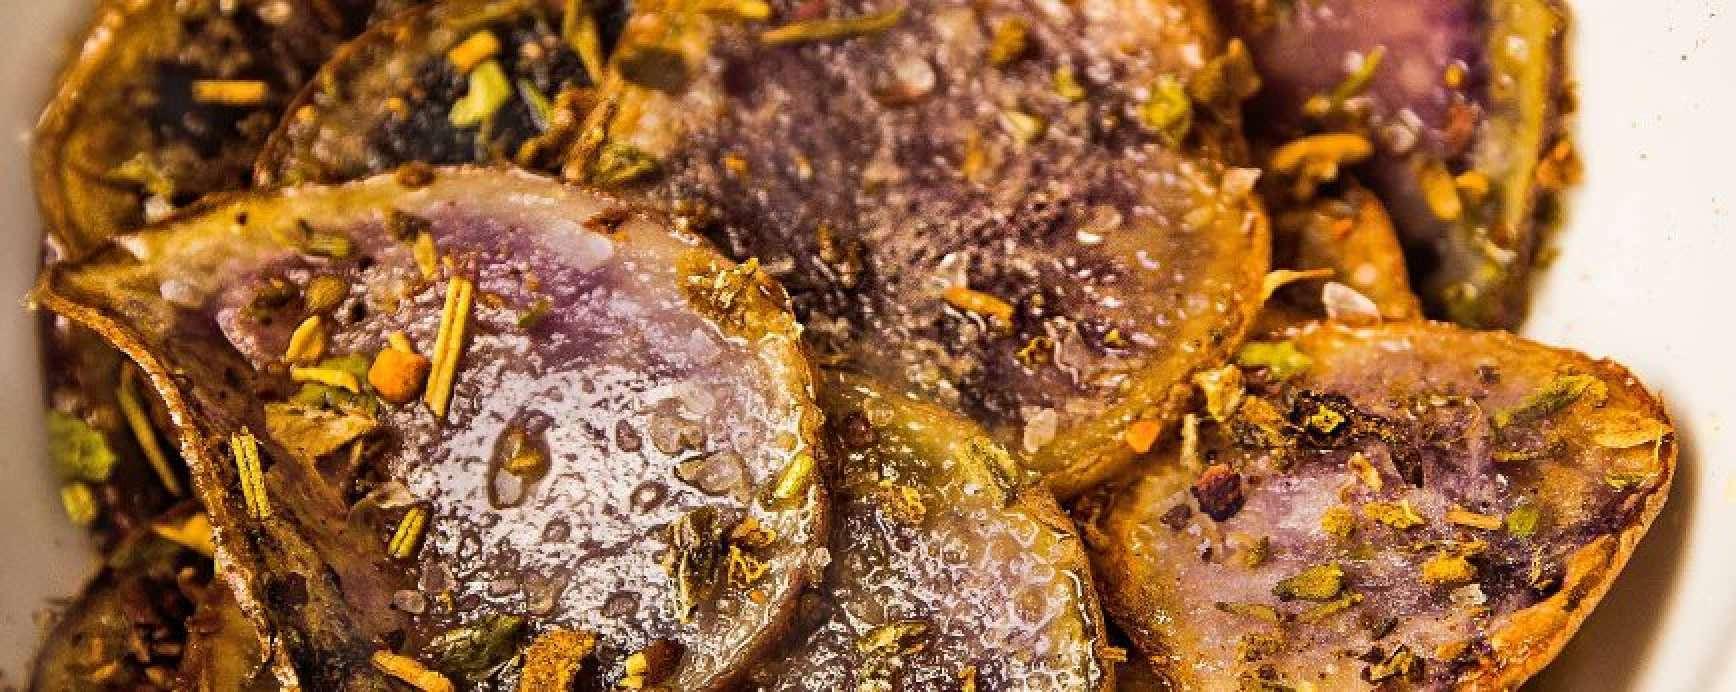 Recept om zelf gezonde chips te maken? Probeer deze met paarse aardappel en rode palmolie